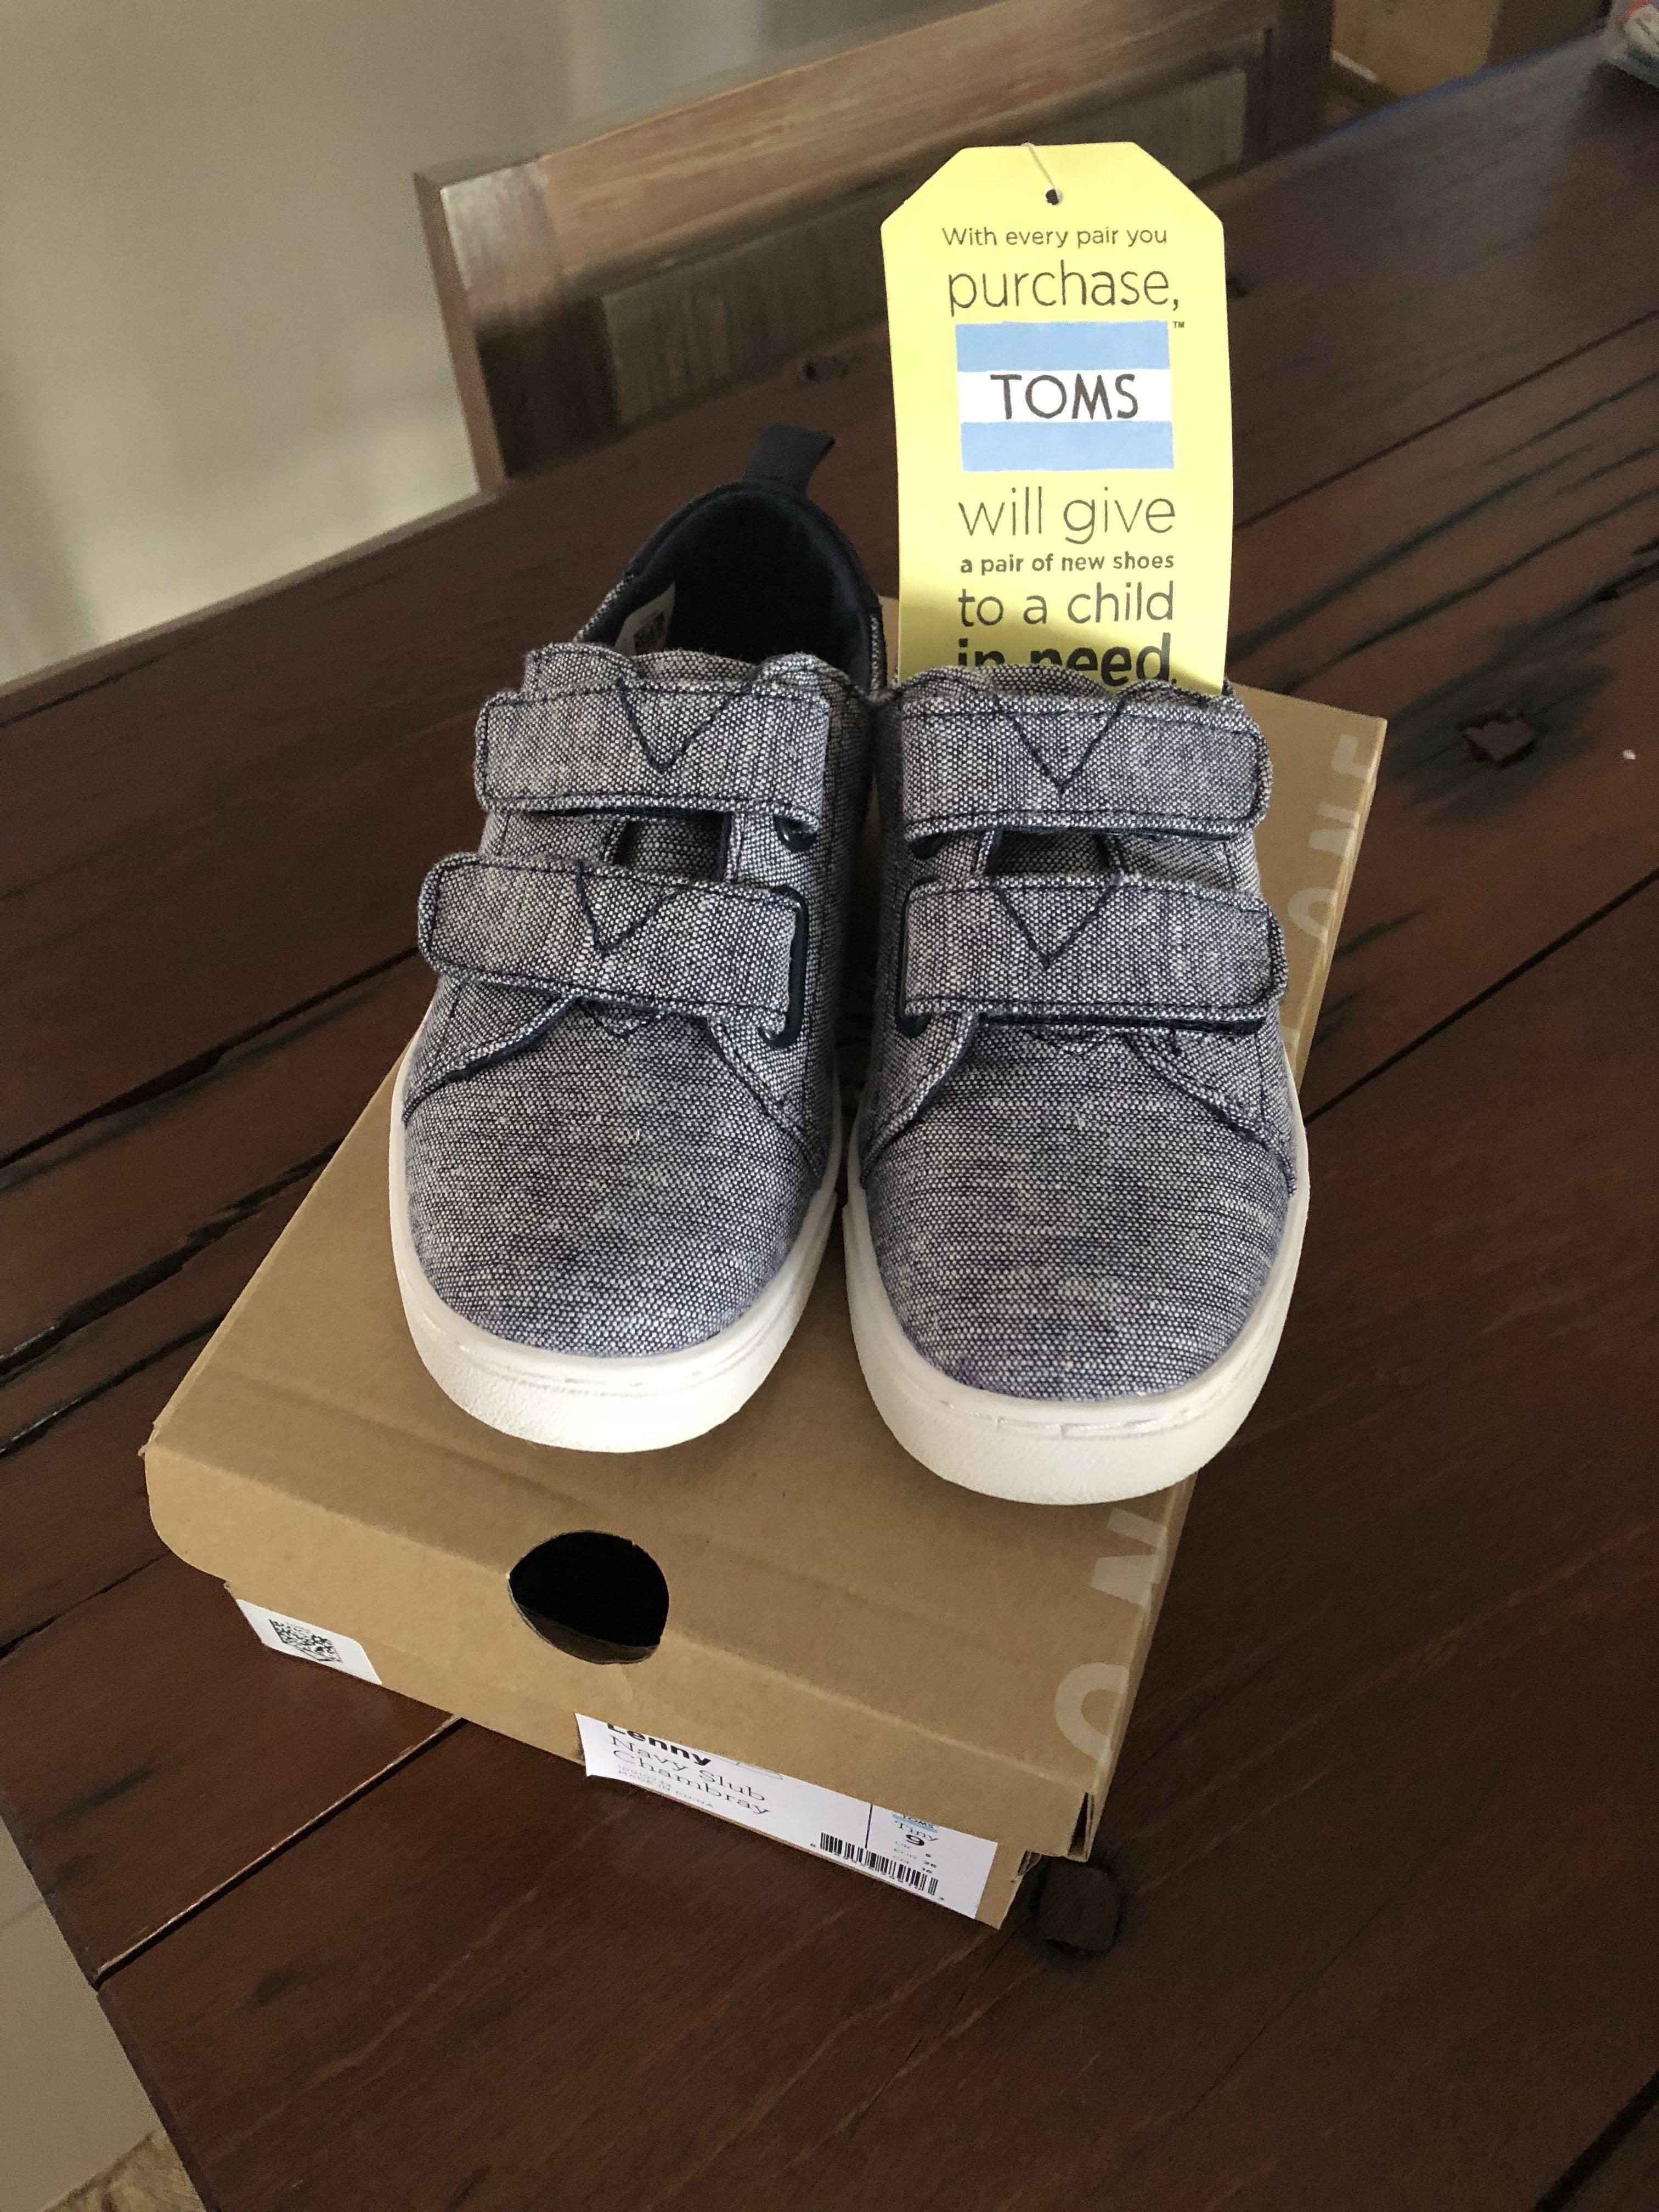 ca46aaf49b8e Toms Kids Shoes (new) - size 9